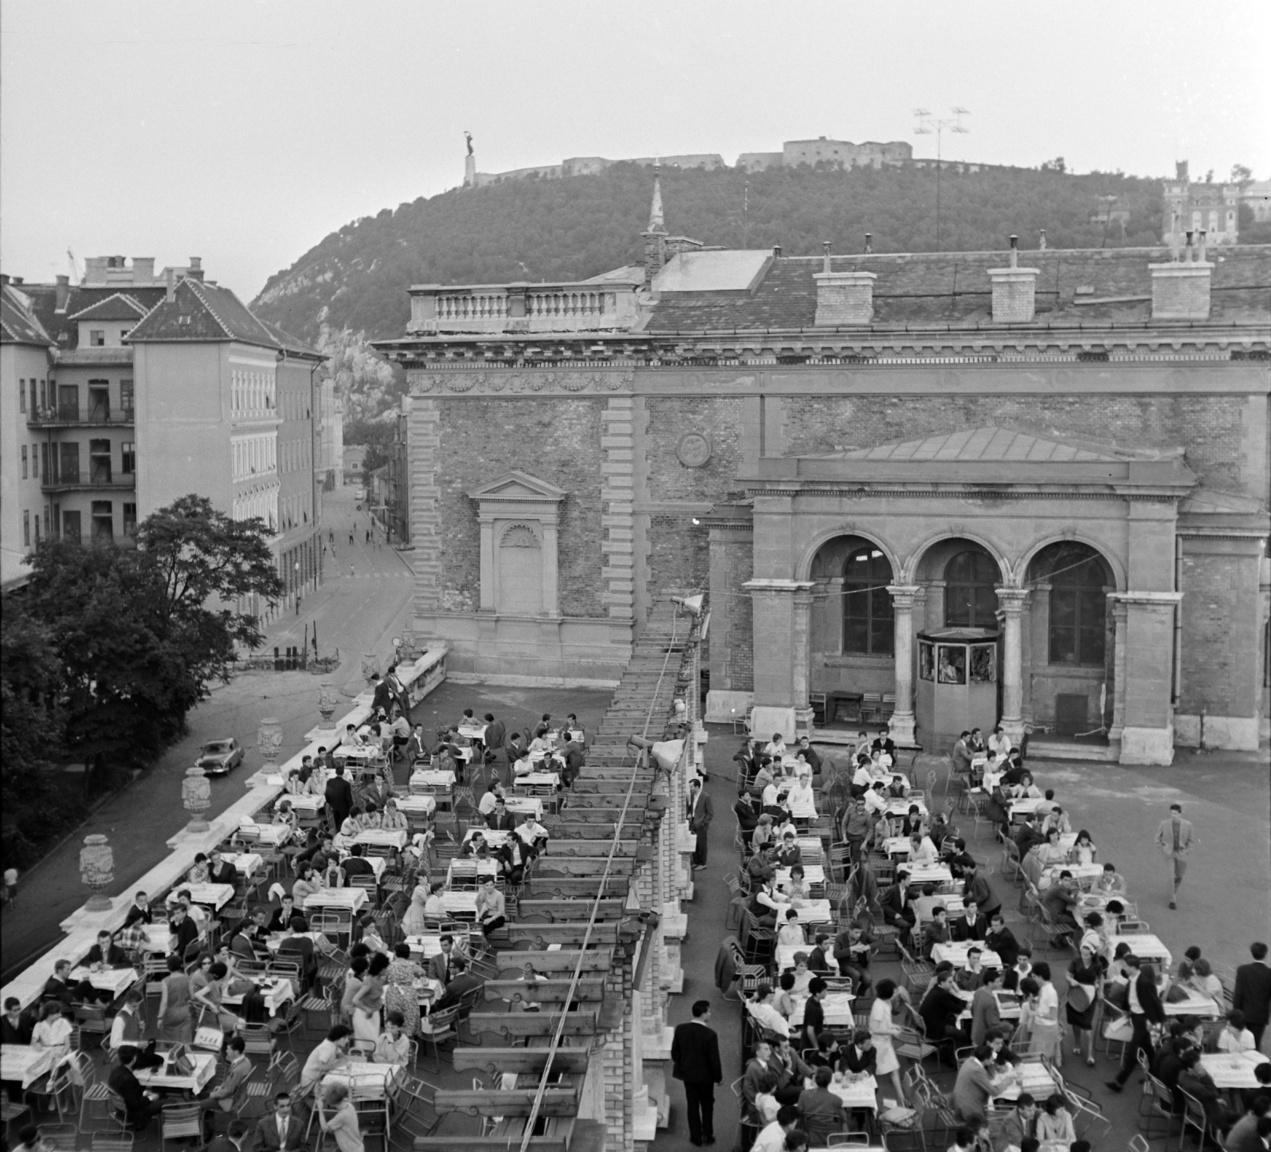 Az Ifipark 1961. augusztus 20-án nyitott meg, és az első évében csupán egyetlen hónapig tartott nyitva.